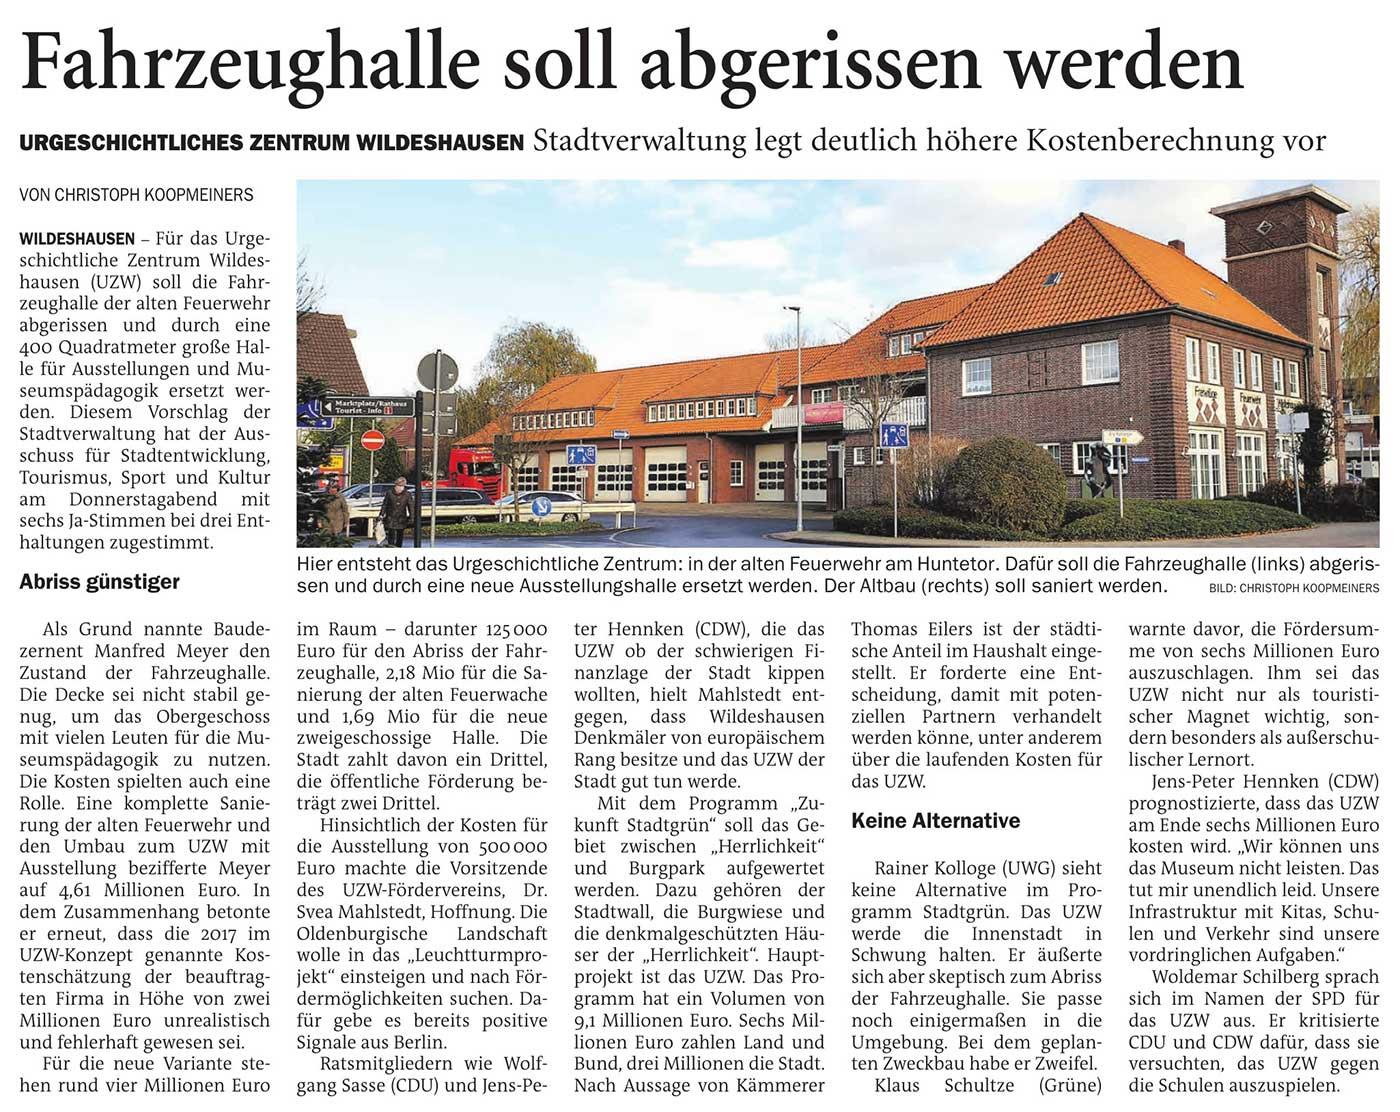 Fahrzeughalle soll abgerissen werdenUrgeschichtliches Zentrum Wildeshausen: Stadtverwaltung legt deutlich höhere Kostenberechnung vorArtikel vom 21.11.2020 (NWZ)